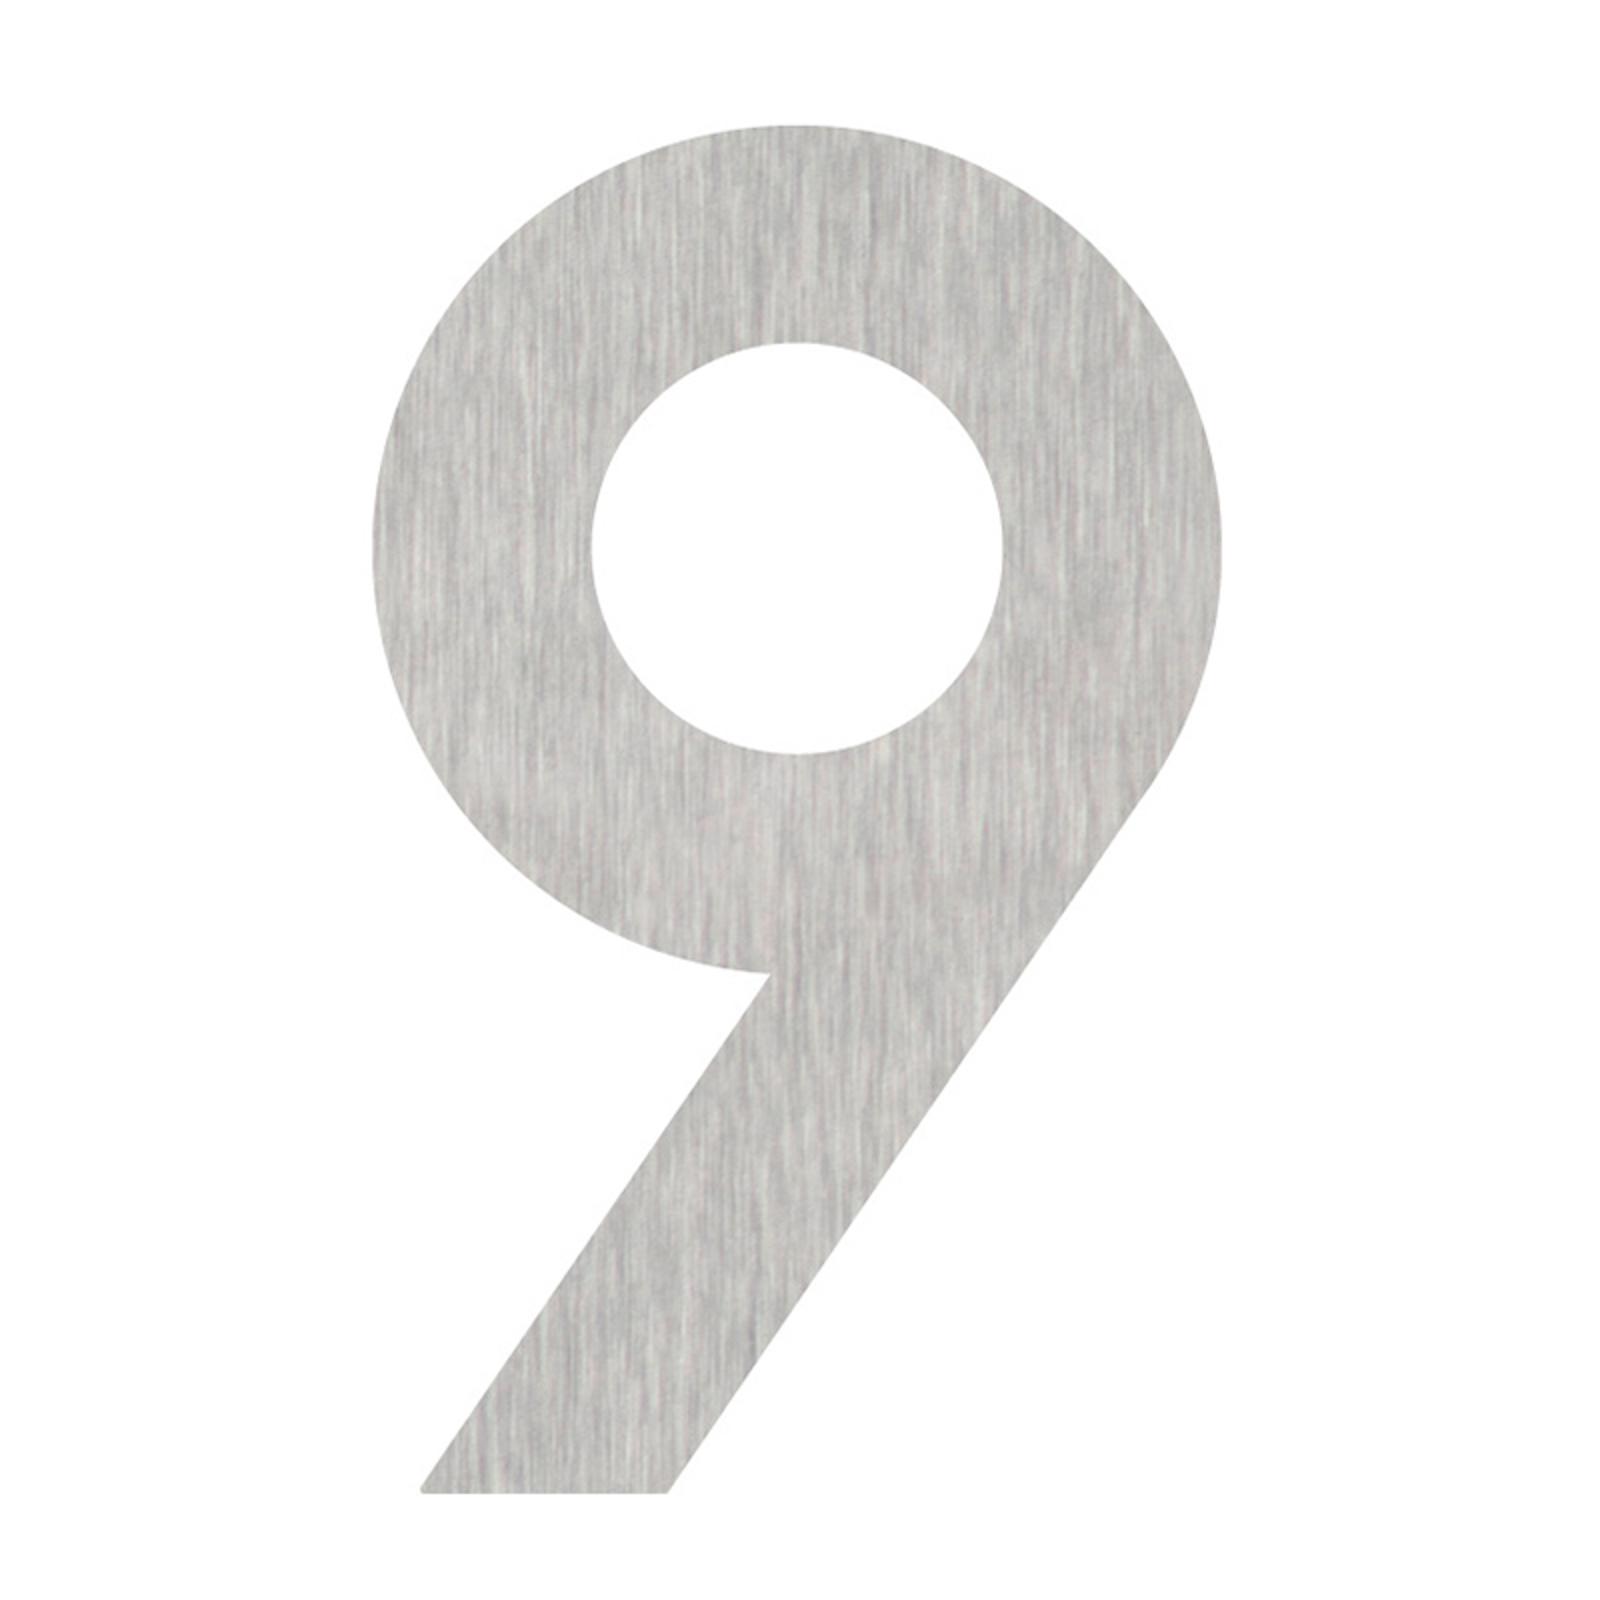 Produktové foto Heibi Domovní čísla číslice 9